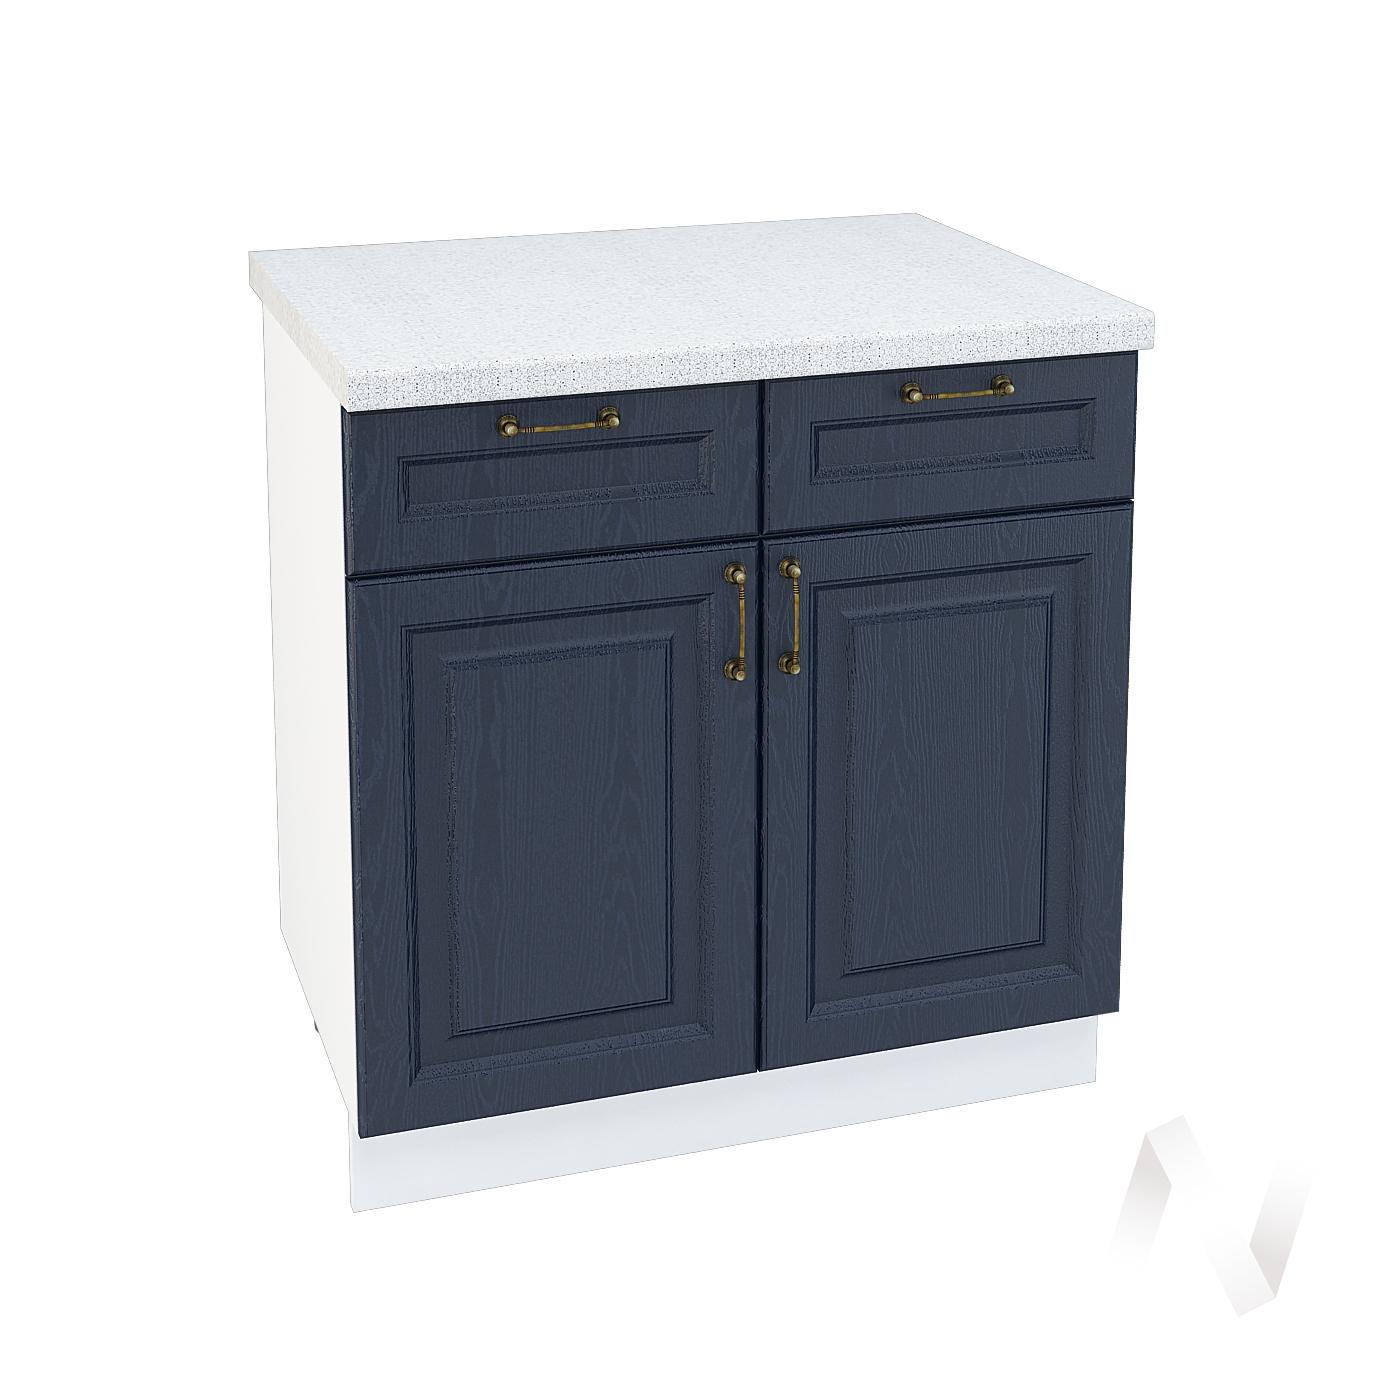 """Кухня """"Ницца"""": Шкаф нижний с ящиками 800, ШН1Я 800 (Дуб чернильный/корпус белый)"""